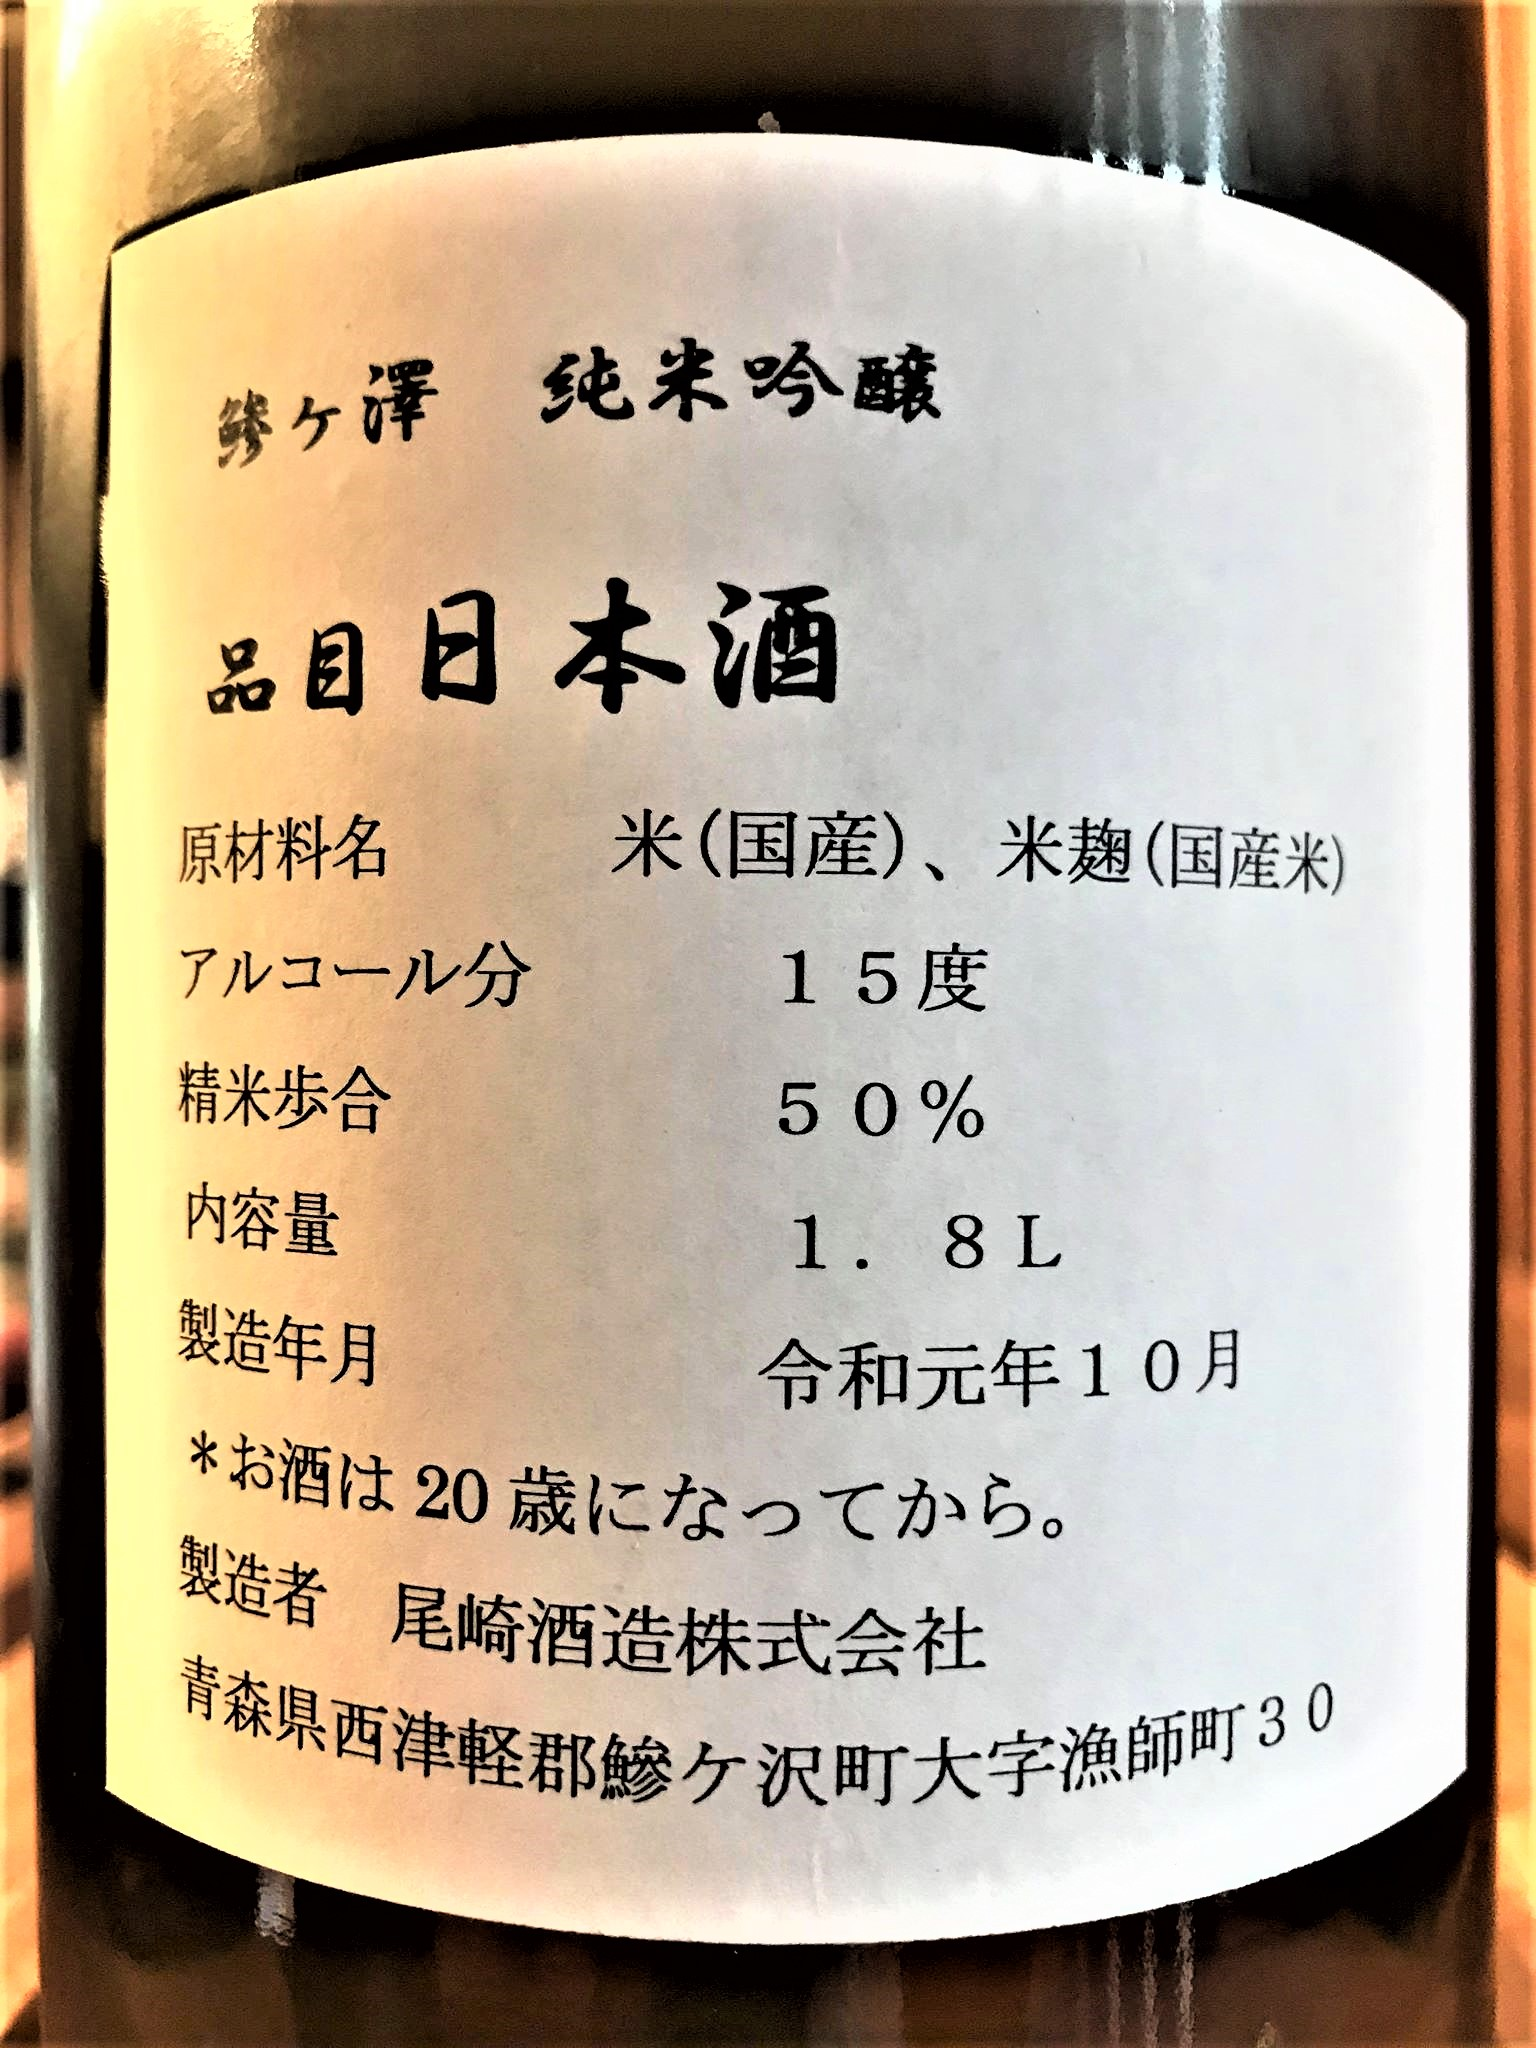 【日本酒】鯵ヶ澤 純米吟醸 青森産華想い50磨き 蔵内低温囲い熟成ver 限定 30BY🆕_e0173738_19225196.jpg